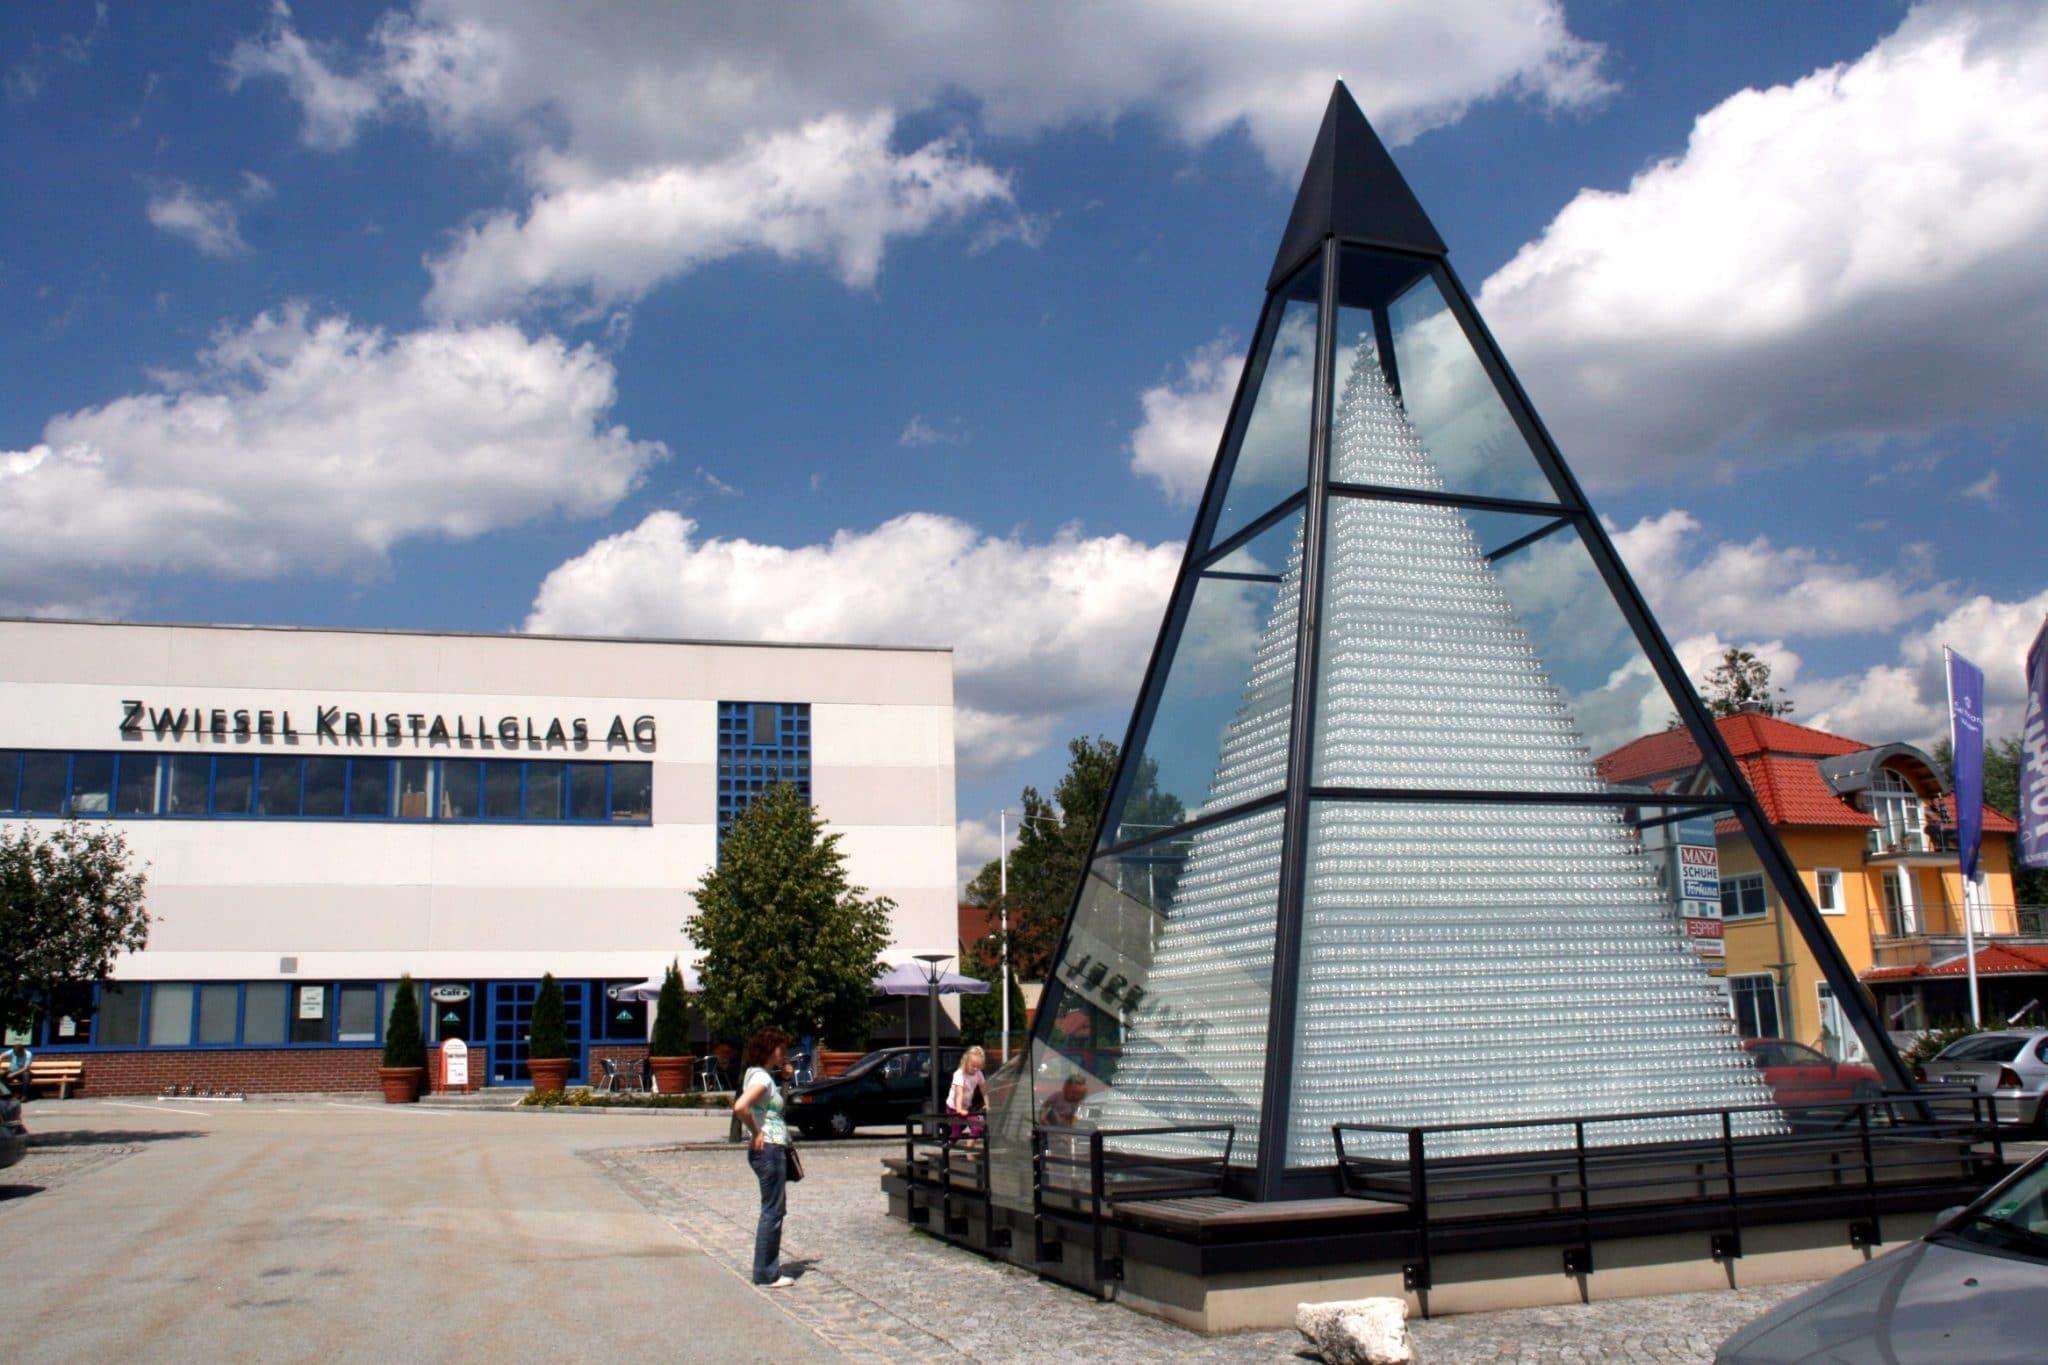 Zwiesel-Kristallglas-Glaspyramide-Bayerischen Wald_Fotograf_Stephan_Moder_TVO